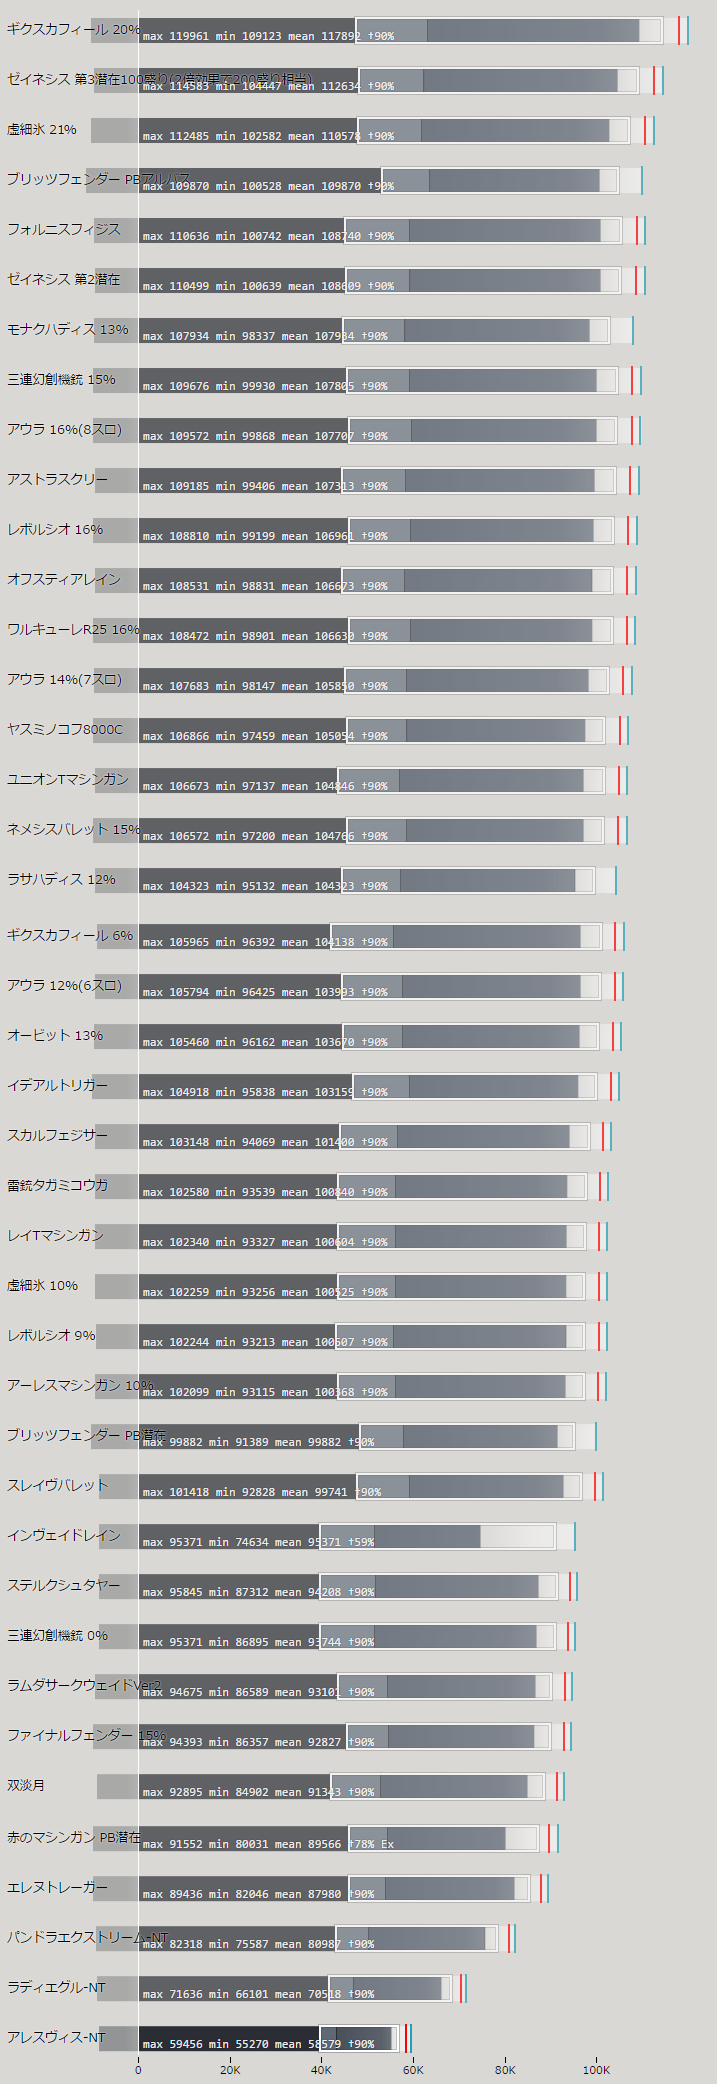 ツインマシンガン・TMGの火力比較ランキング表